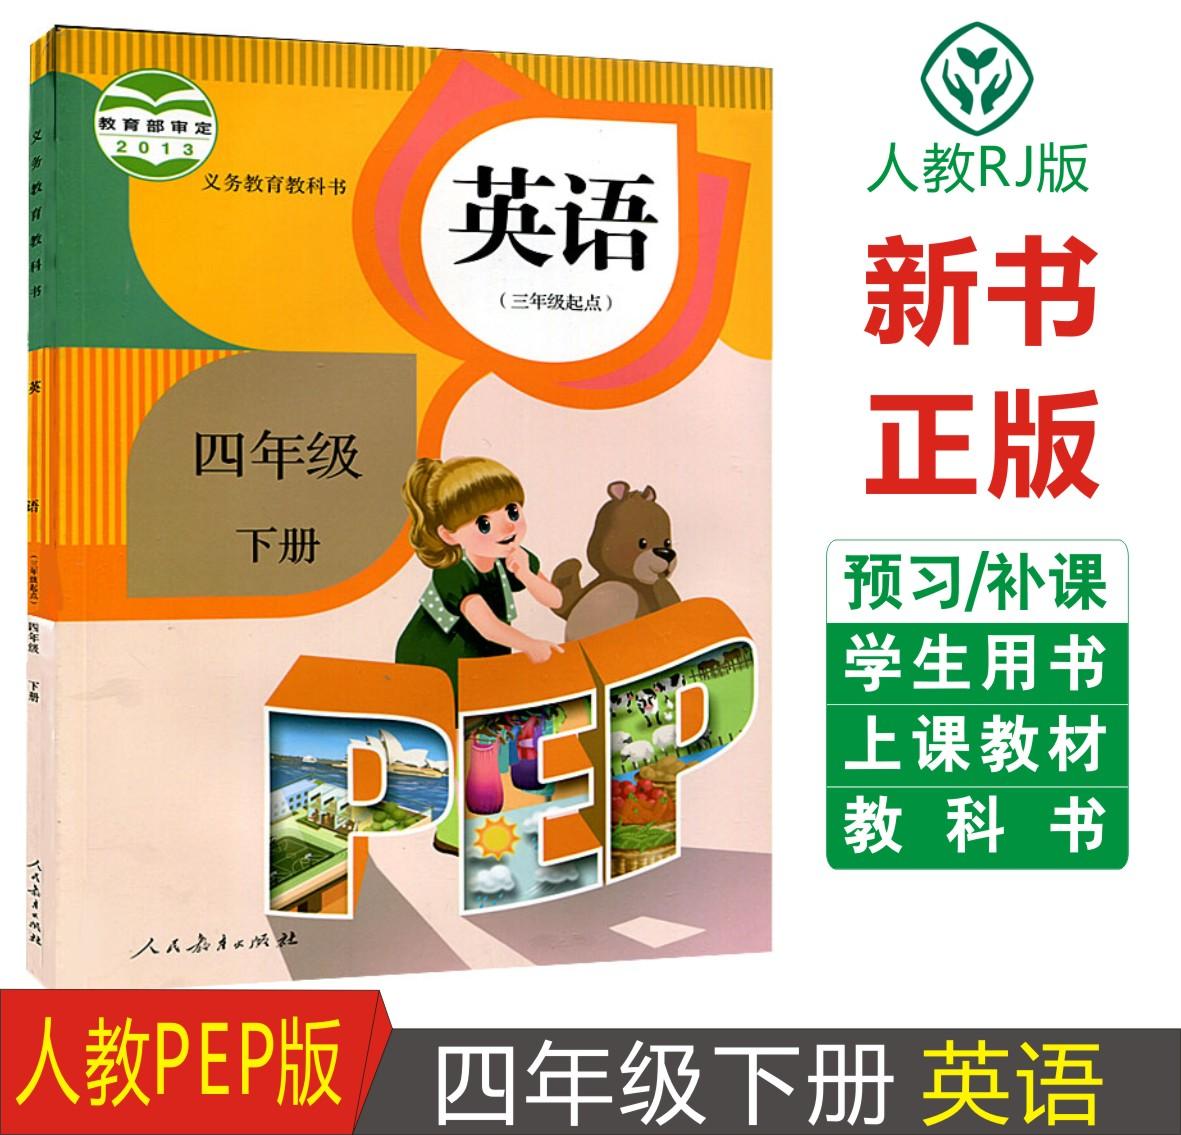 包邮小学pep四年级下册英语书人民教育出版社教材教科书4四年级下册英语课本人教版pep四年级下册英语